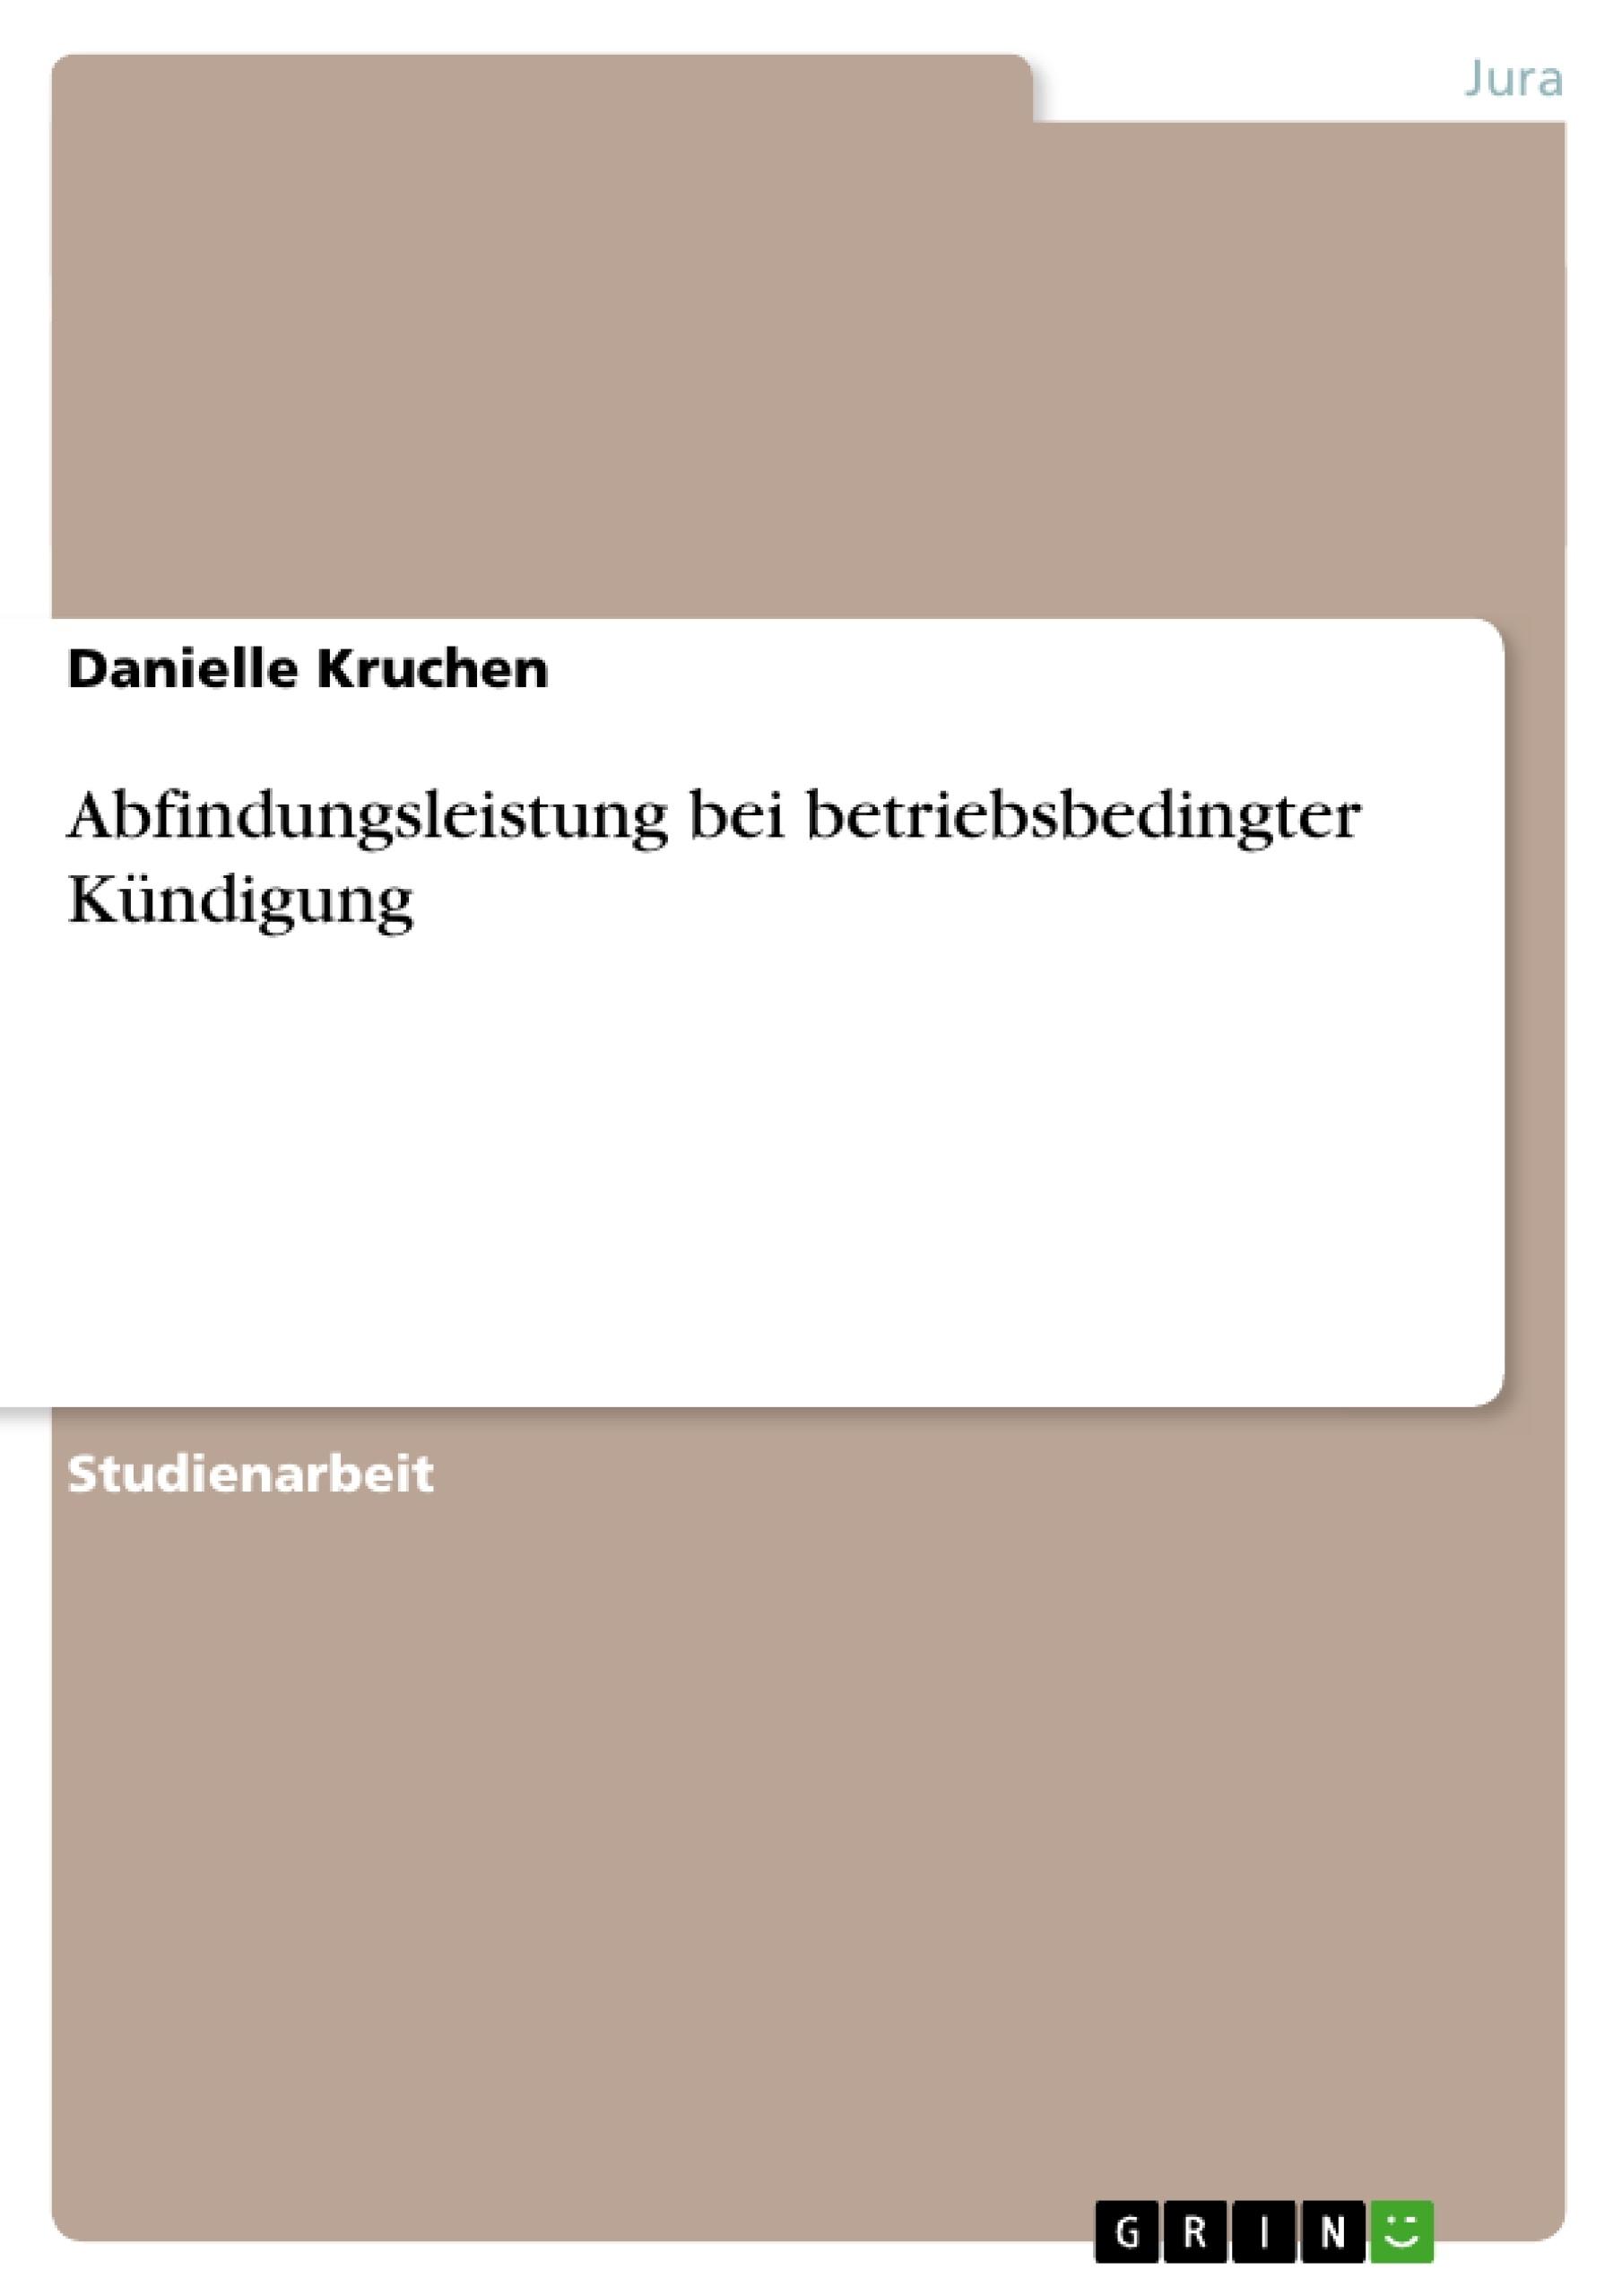 Titel: Abfindungsleistung bei betriebsbedingter Kündigung